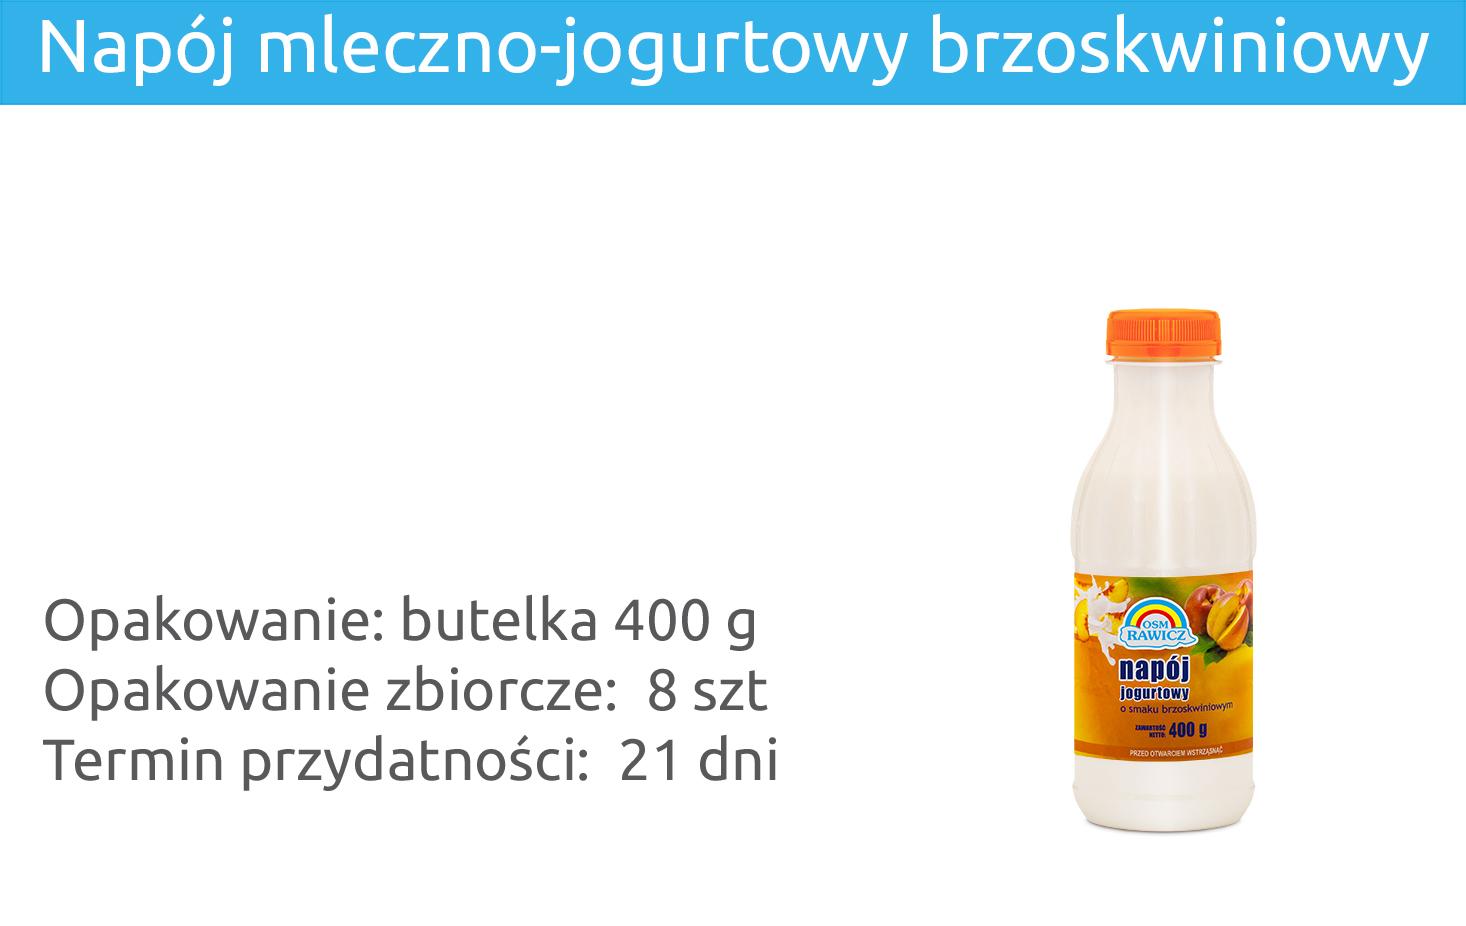 Napój mleczno-jogurtowy brzoskwiniowy 400g